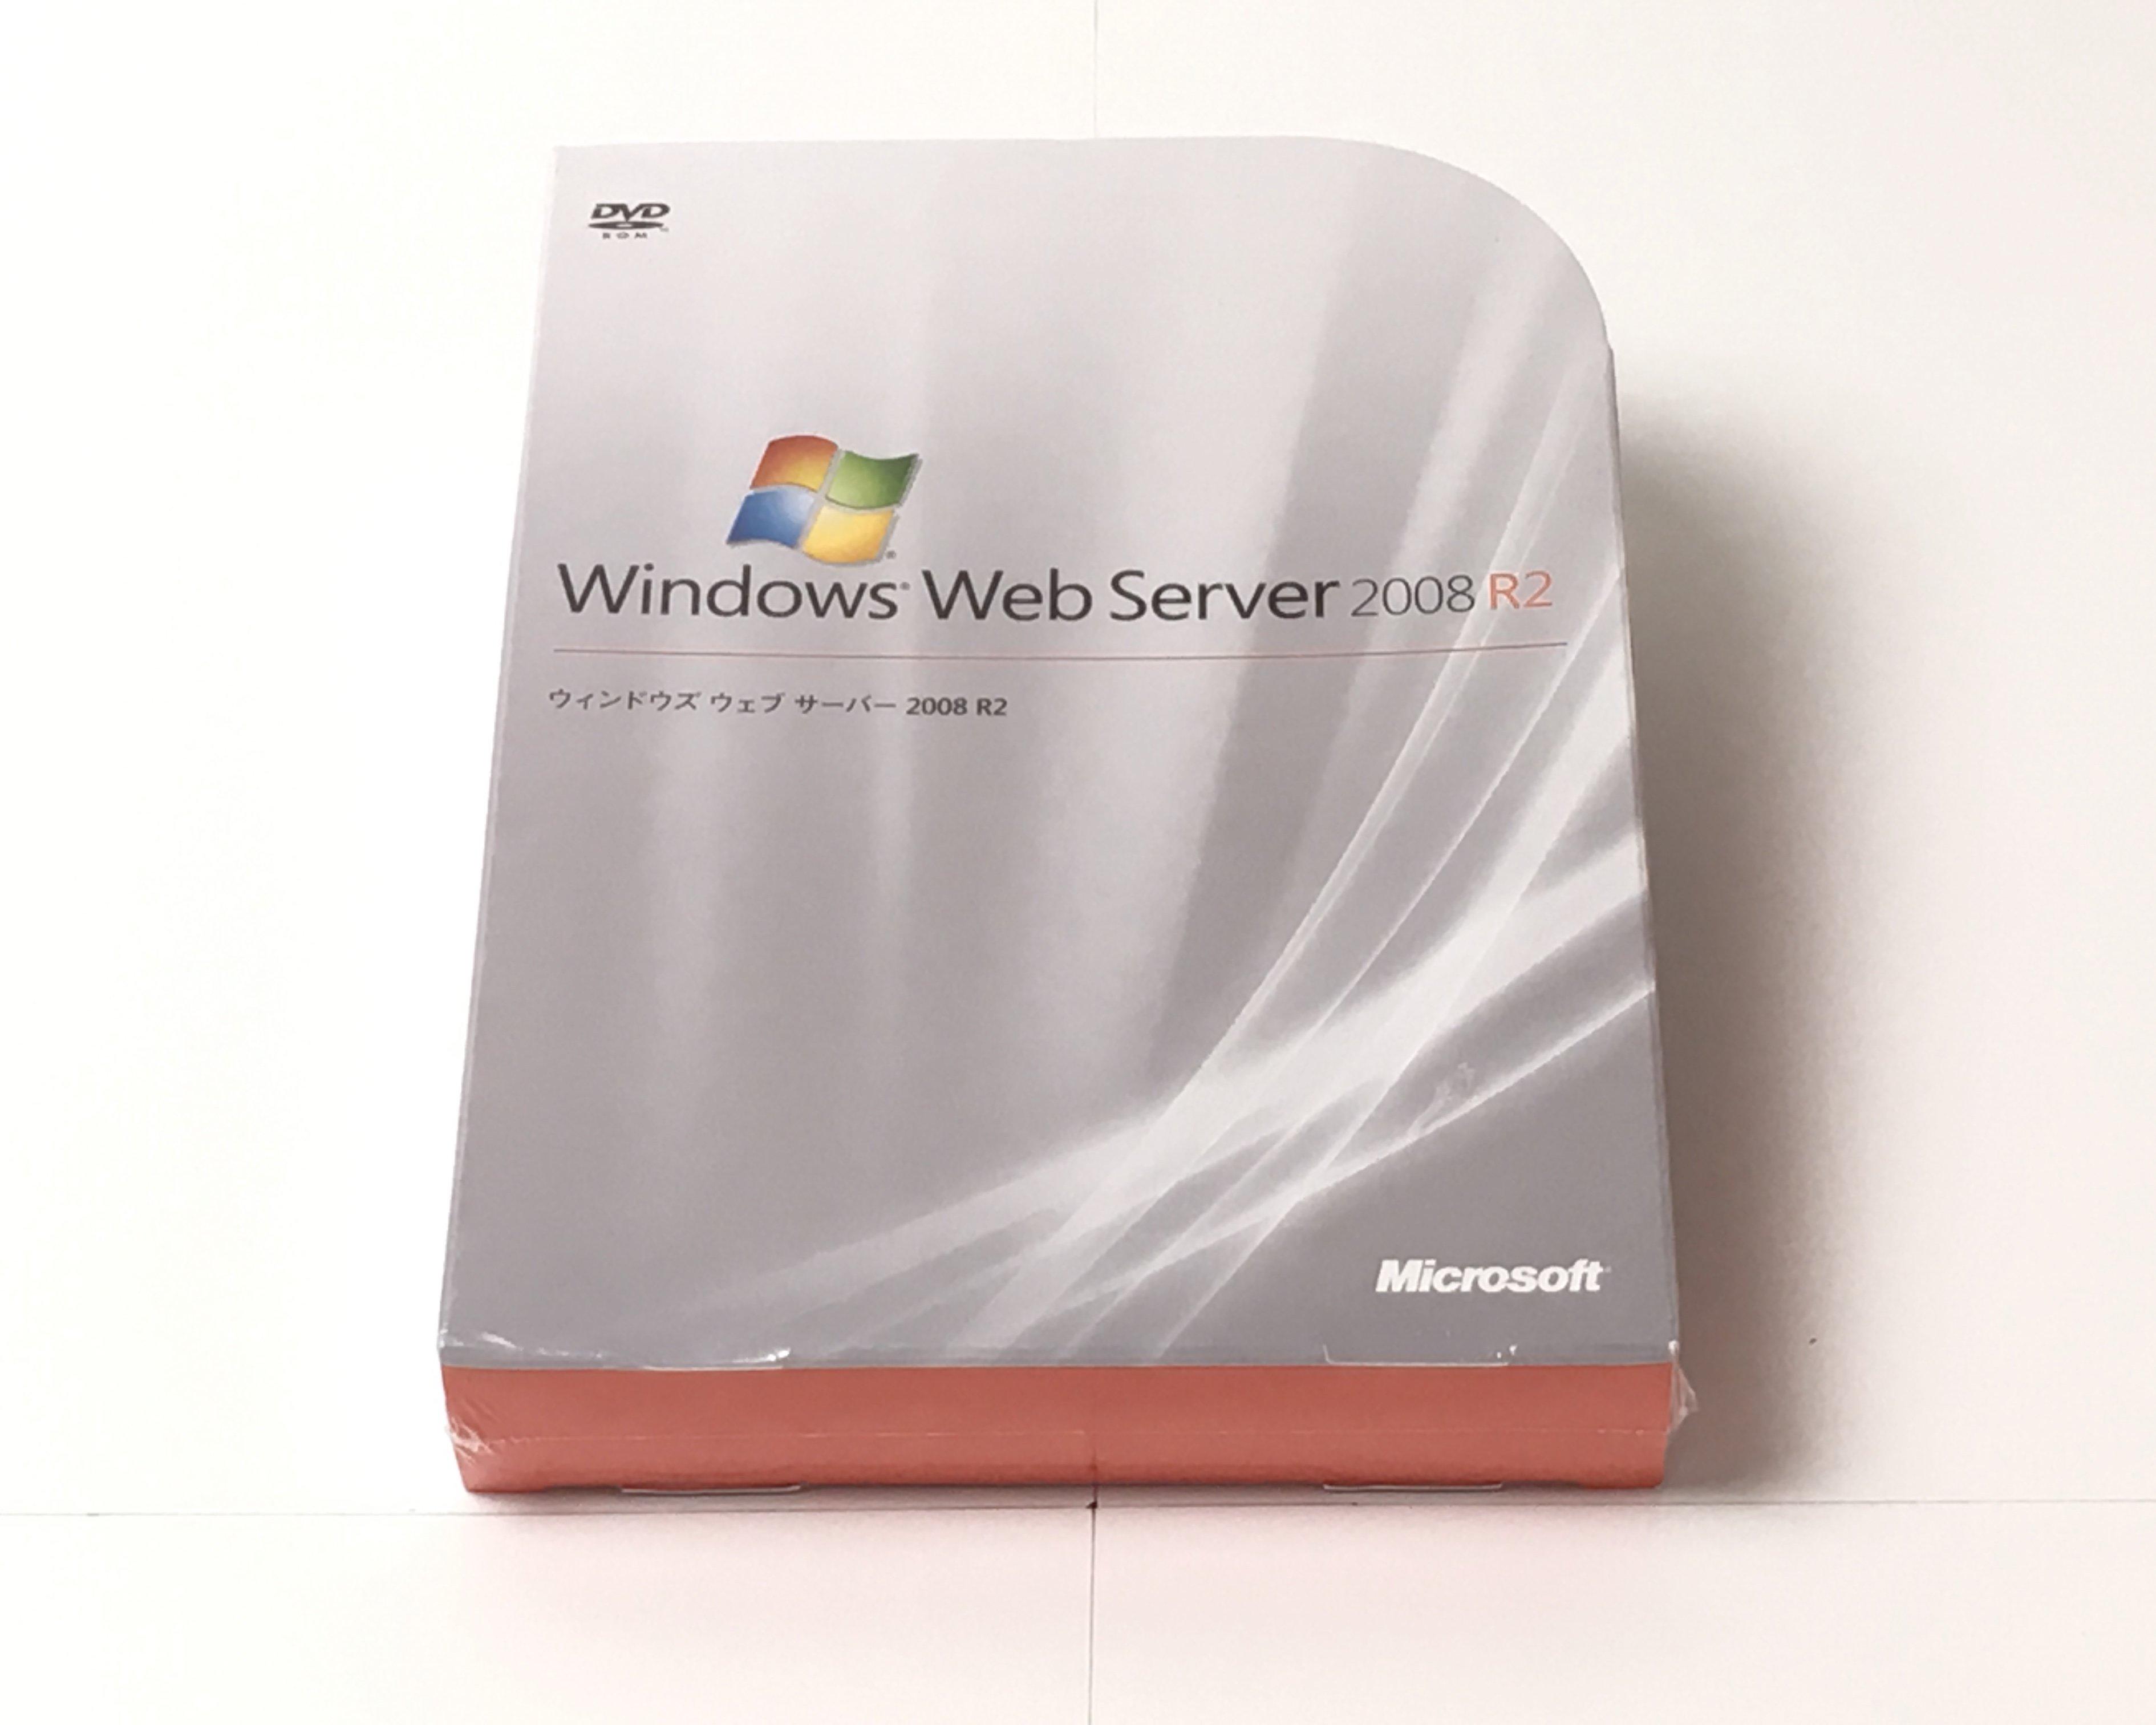 【新品】Microsoft Windows Web Server 2008 R2 メイン画像